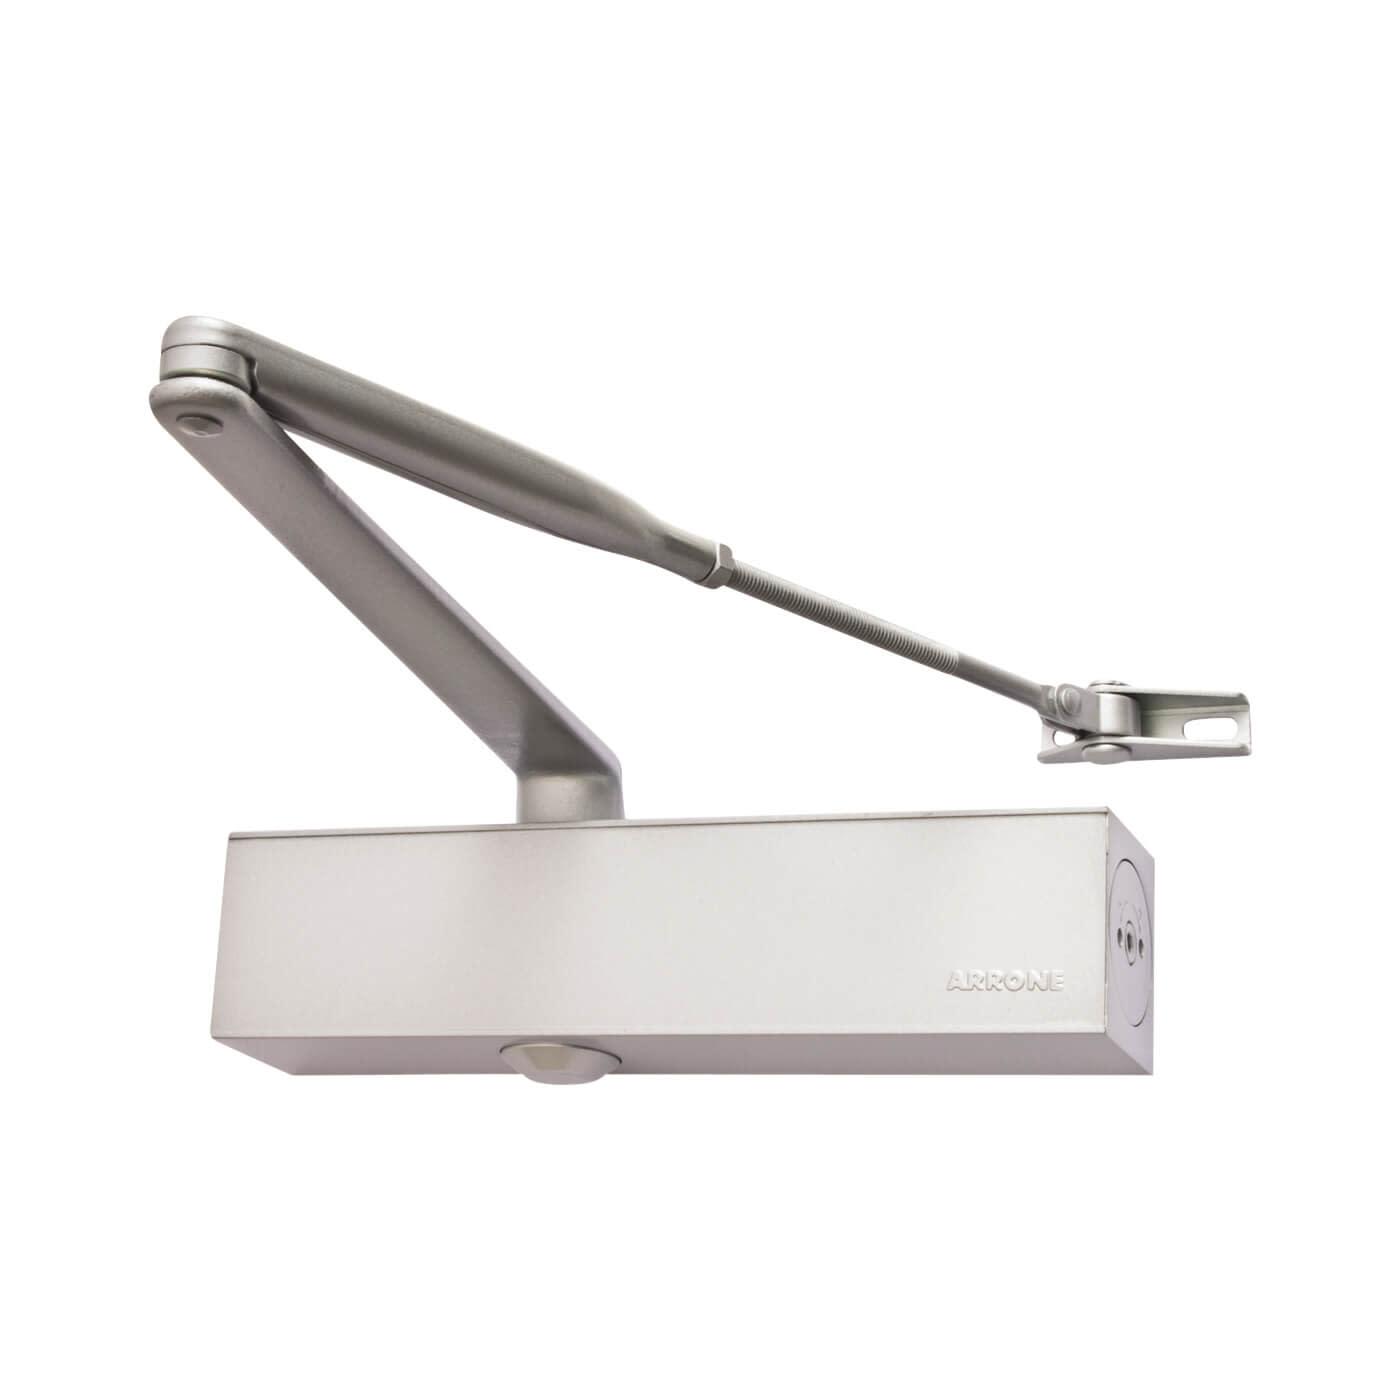 Arrone® AR9200 Door Closer - Silver)